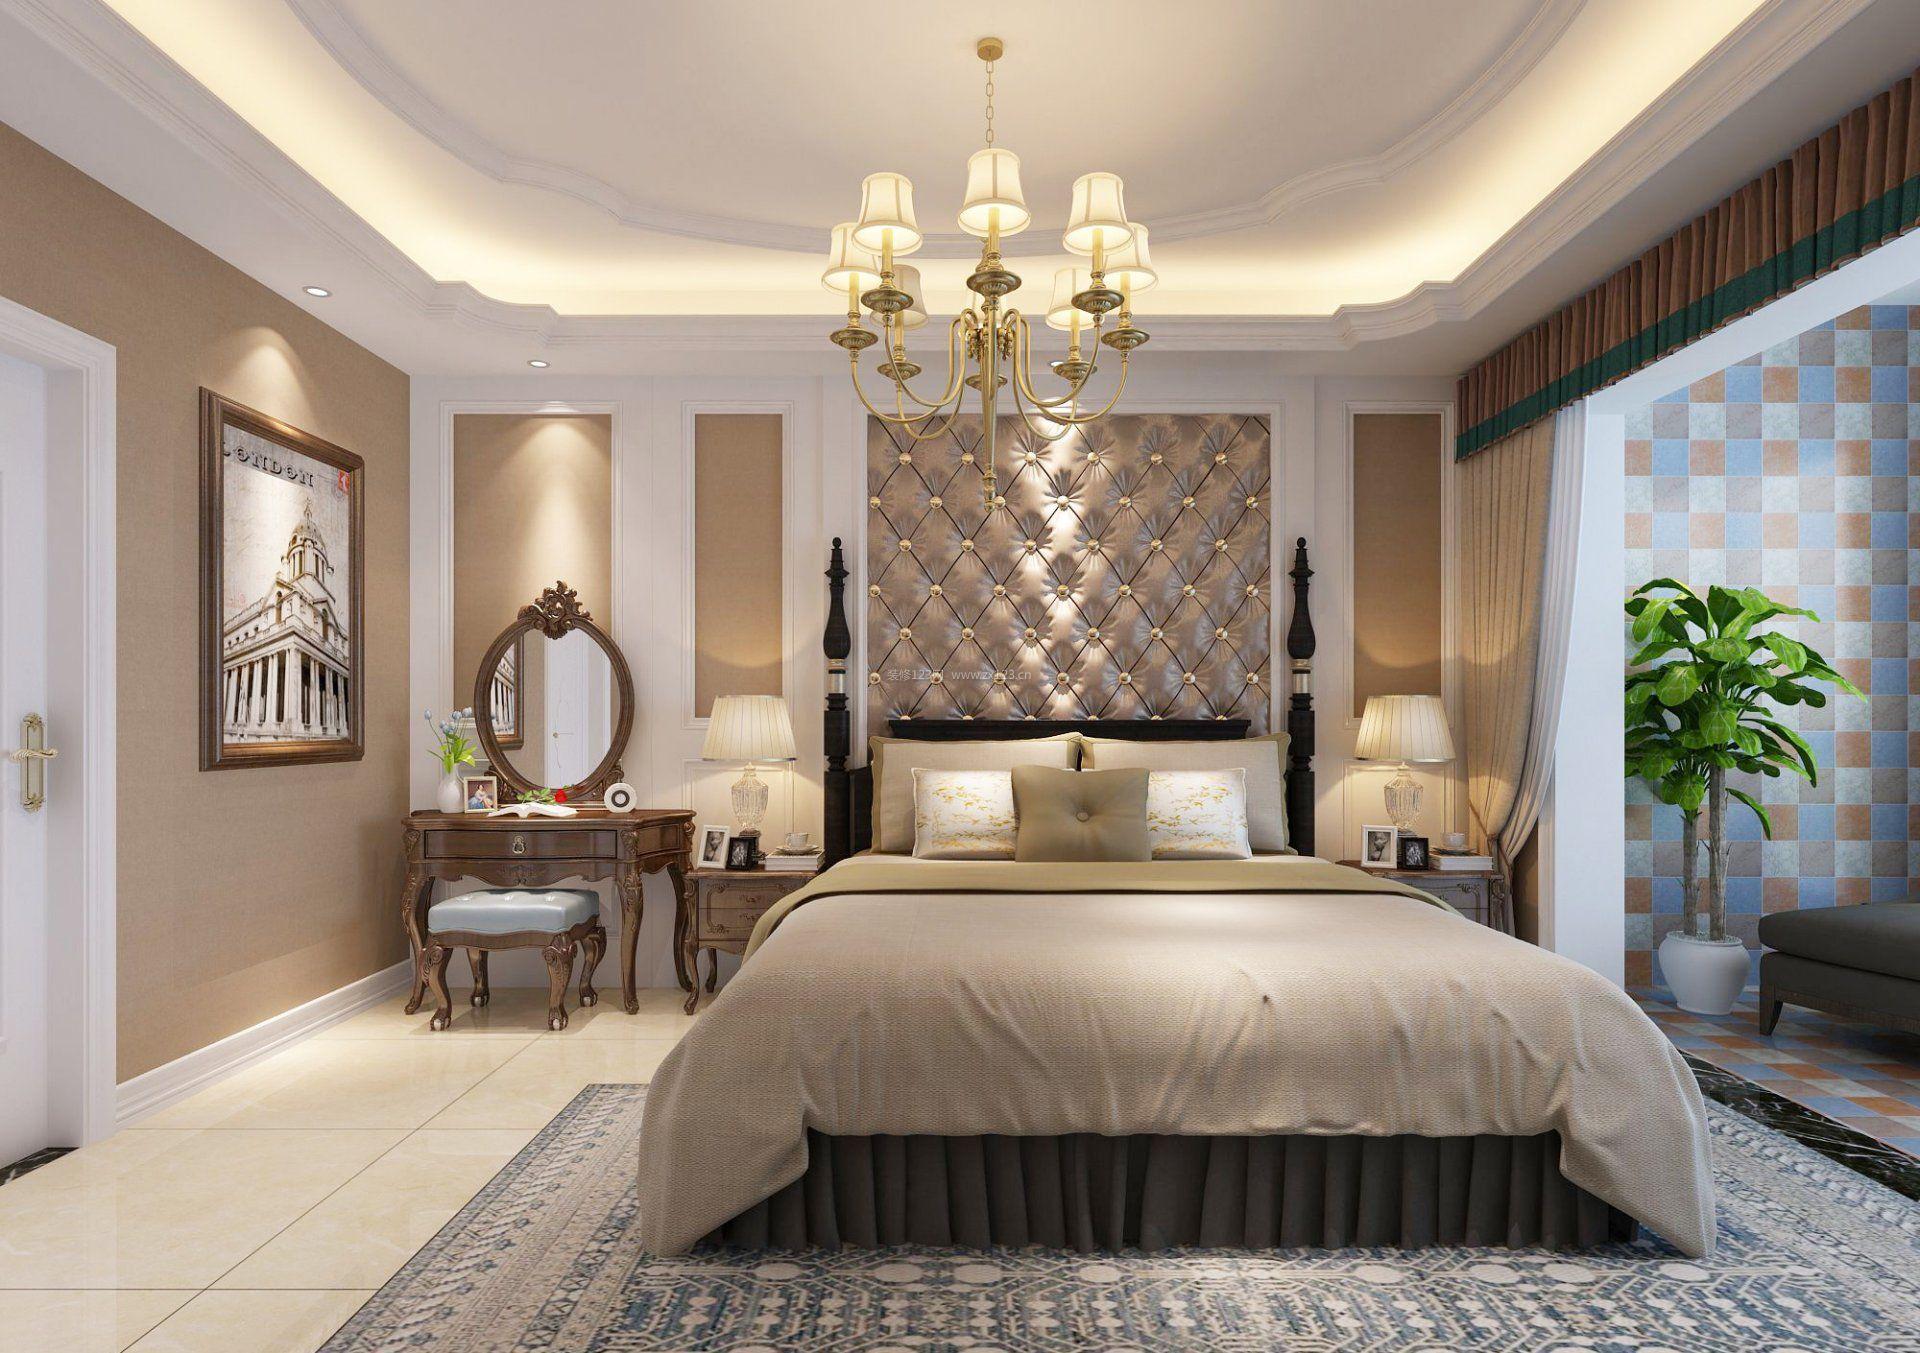 普通家庭主卧室装修效果图片